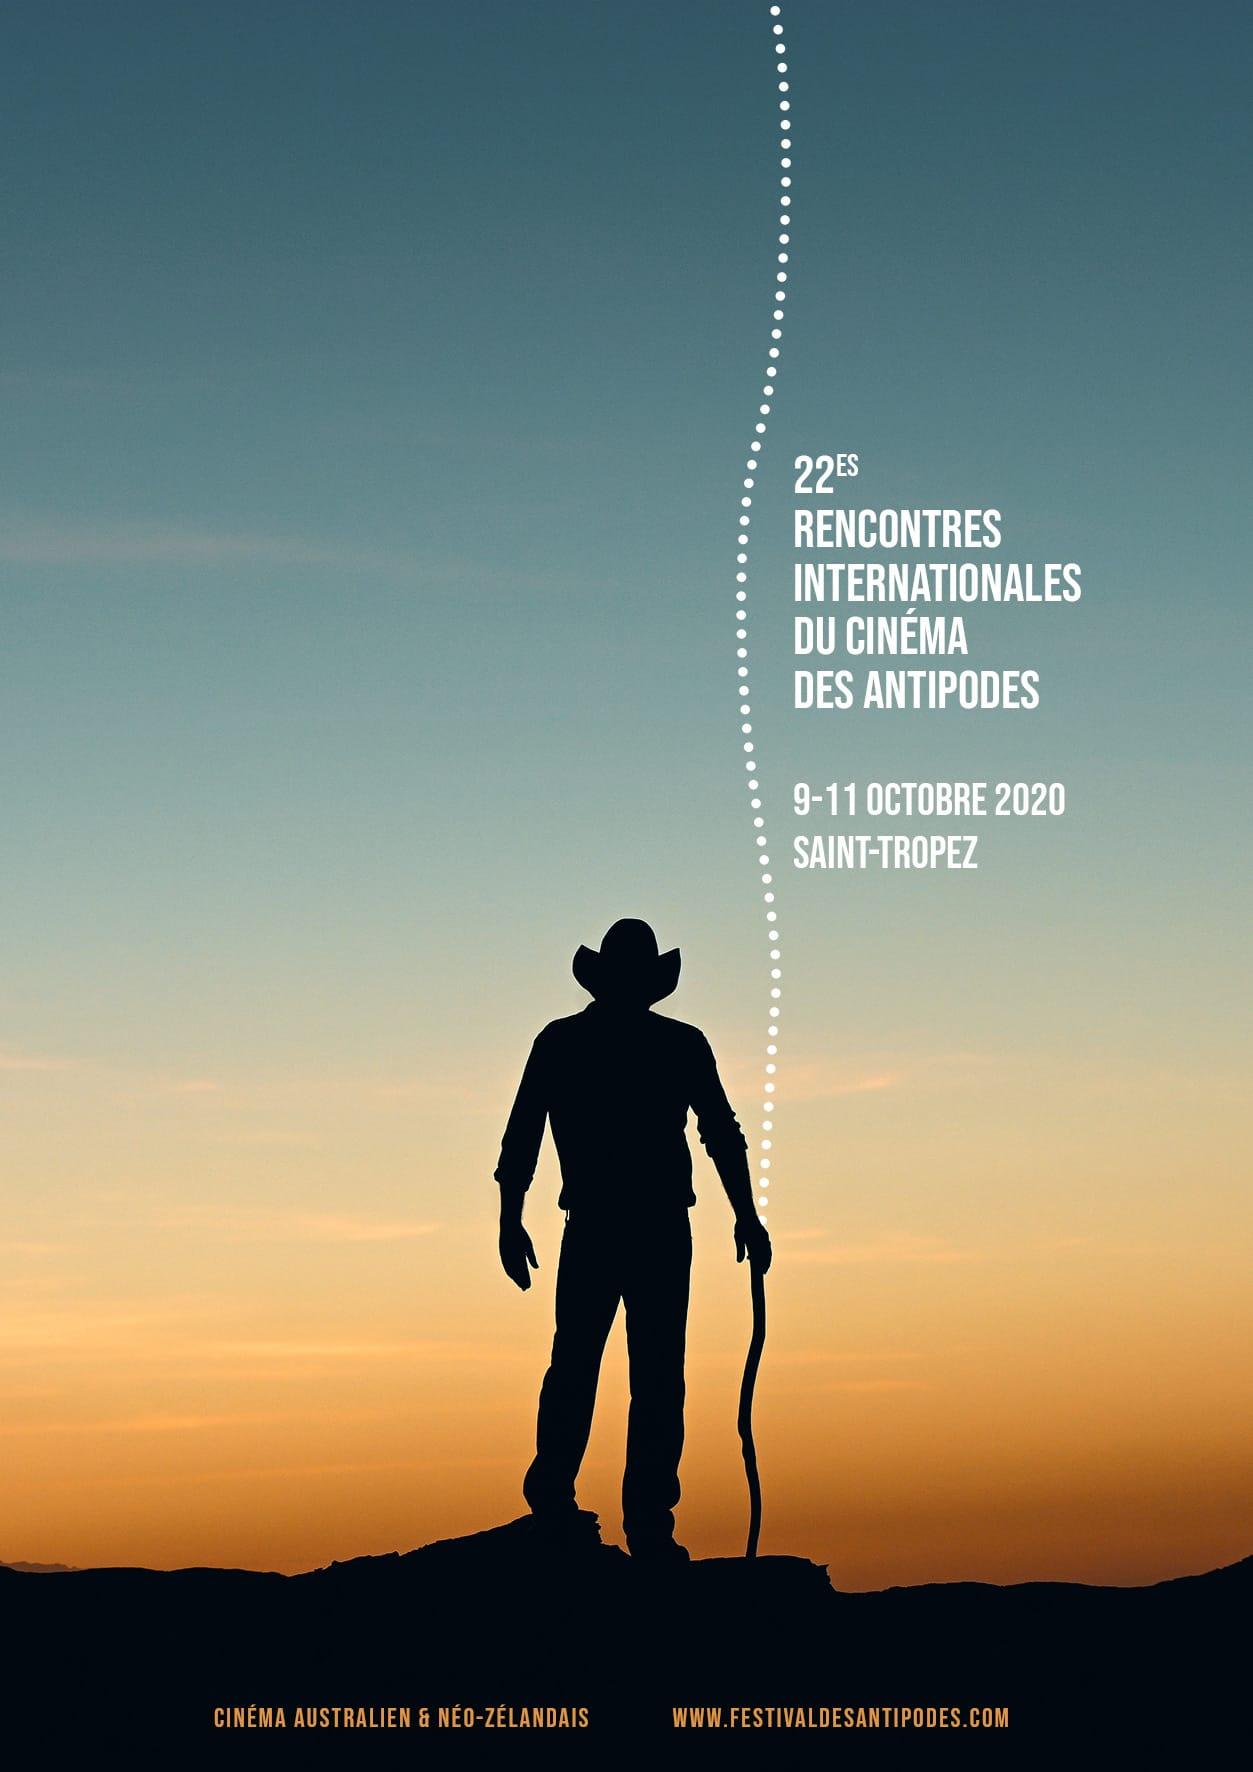 Affiche Festival des Antipodes - Saint-Tropez 2020 - cinéma